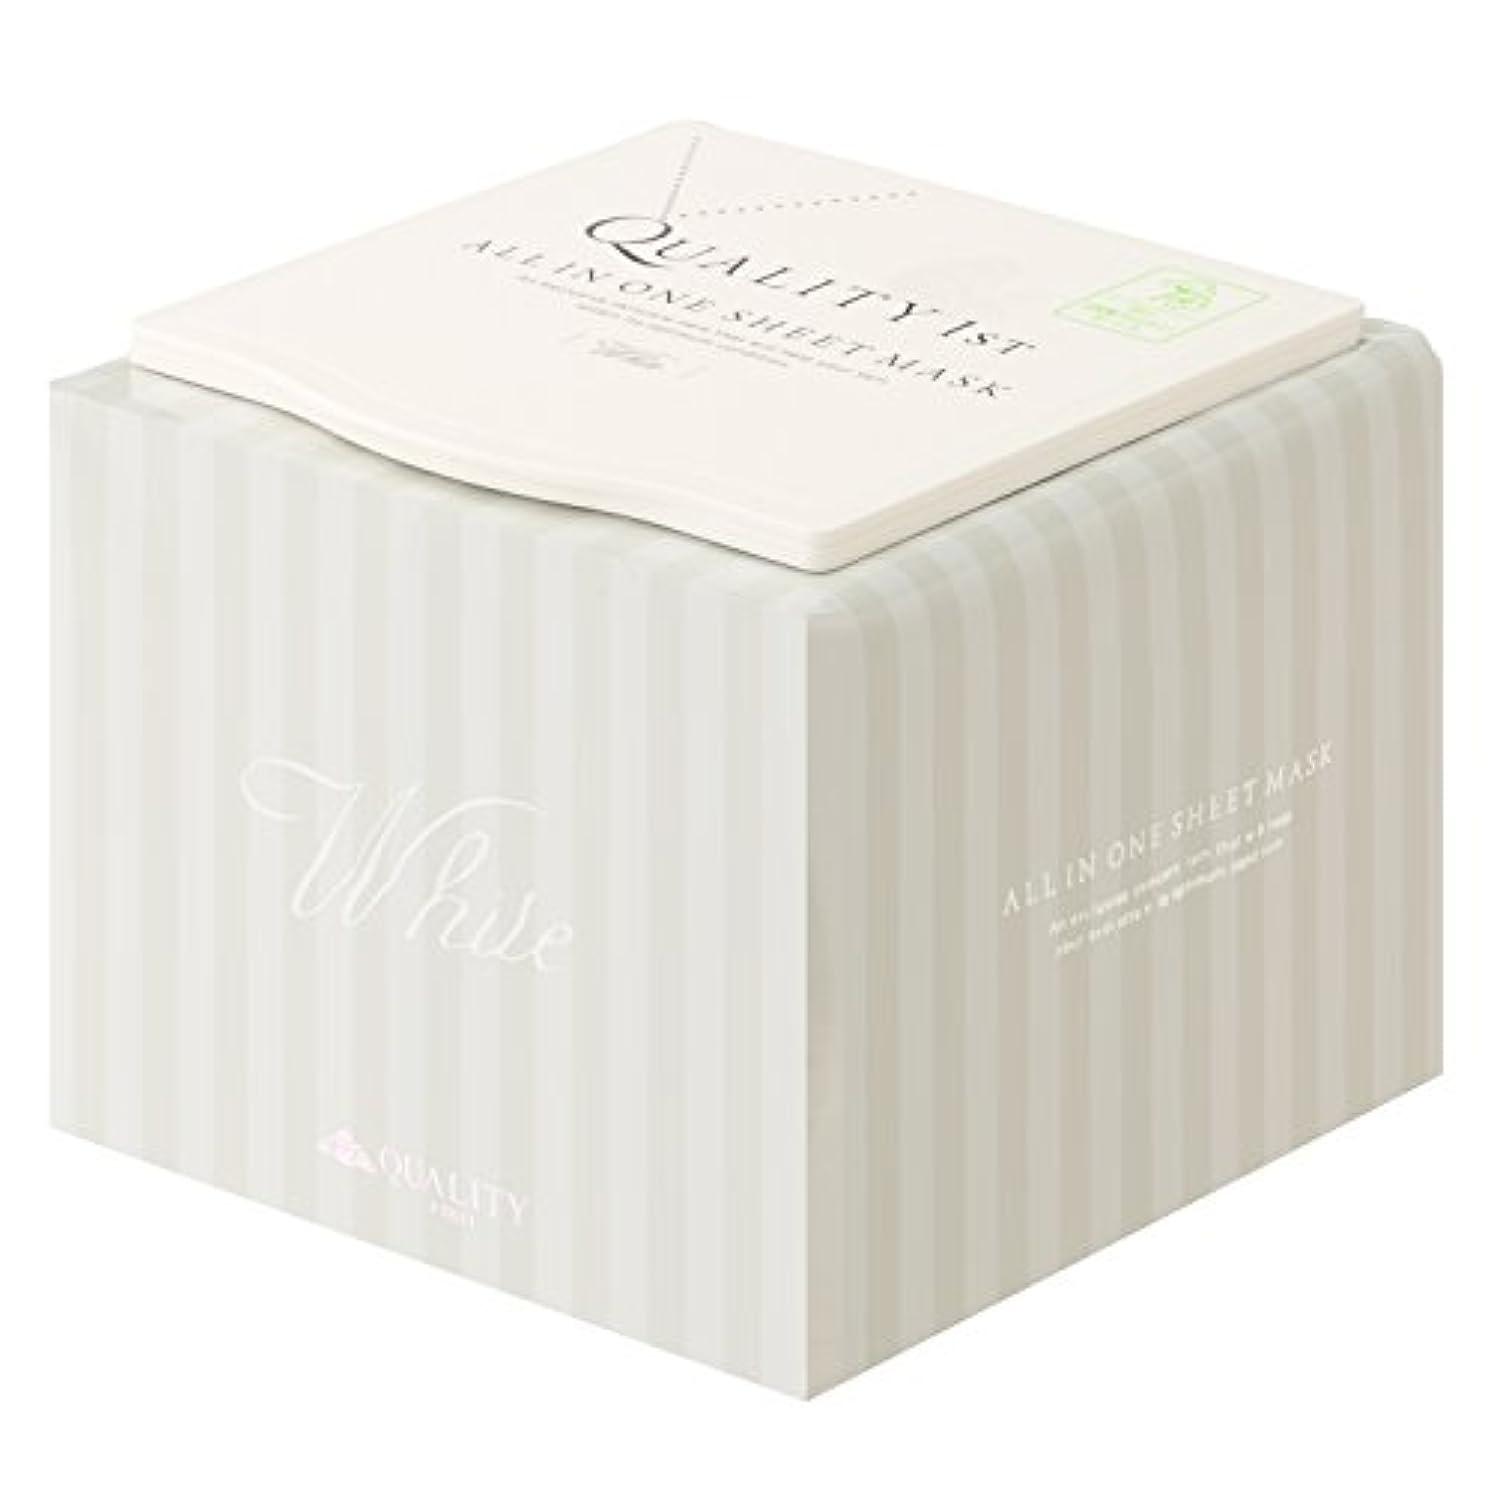 ゴム注文パワーオールインワンシートマスク ホワイトEX (30枚) BOX